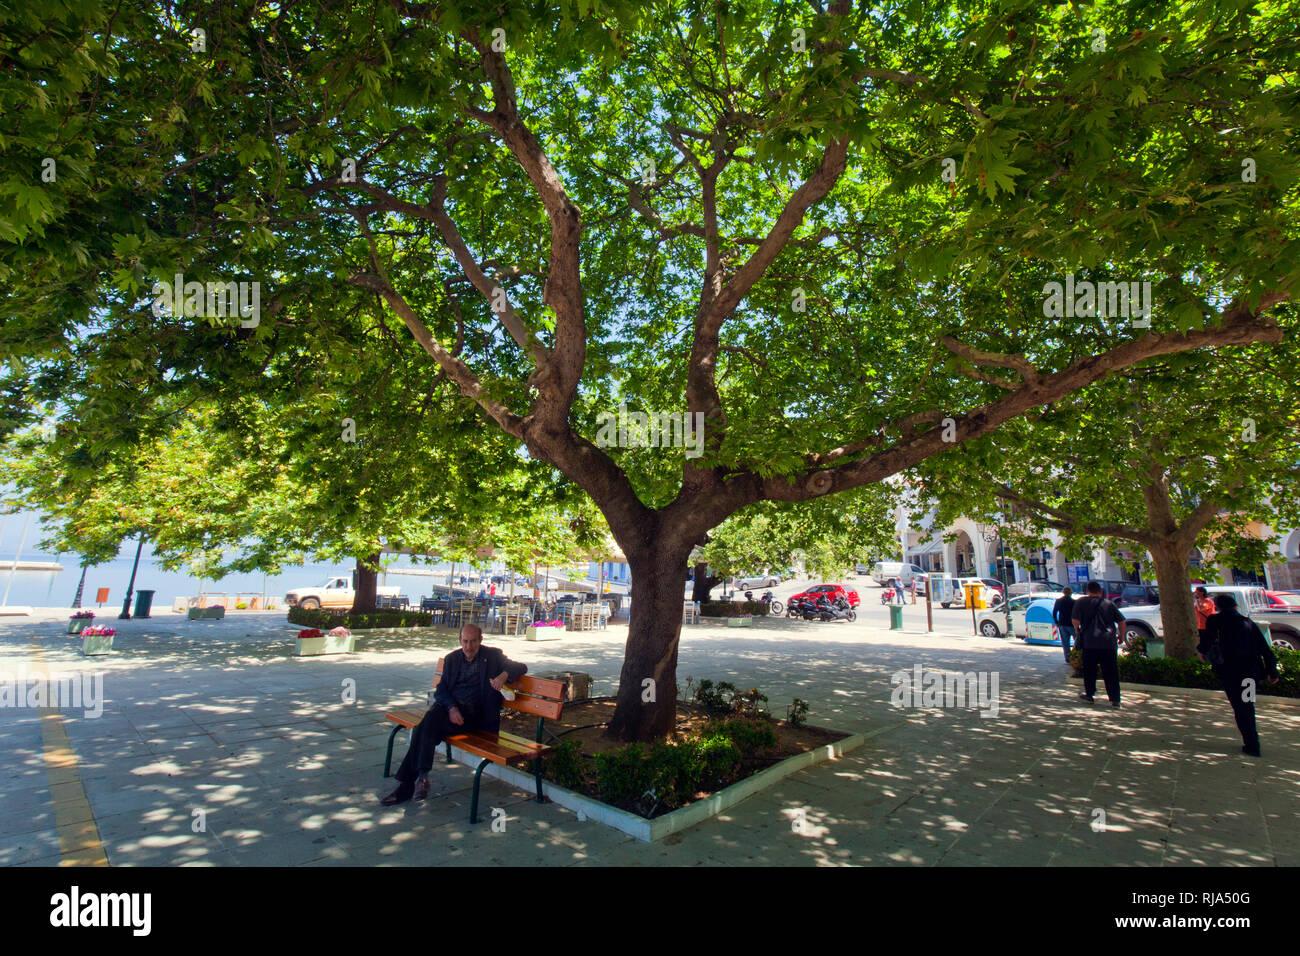 Männer sitzen im Schatten von mächtigen Platanen in Griechenland - Stock Image